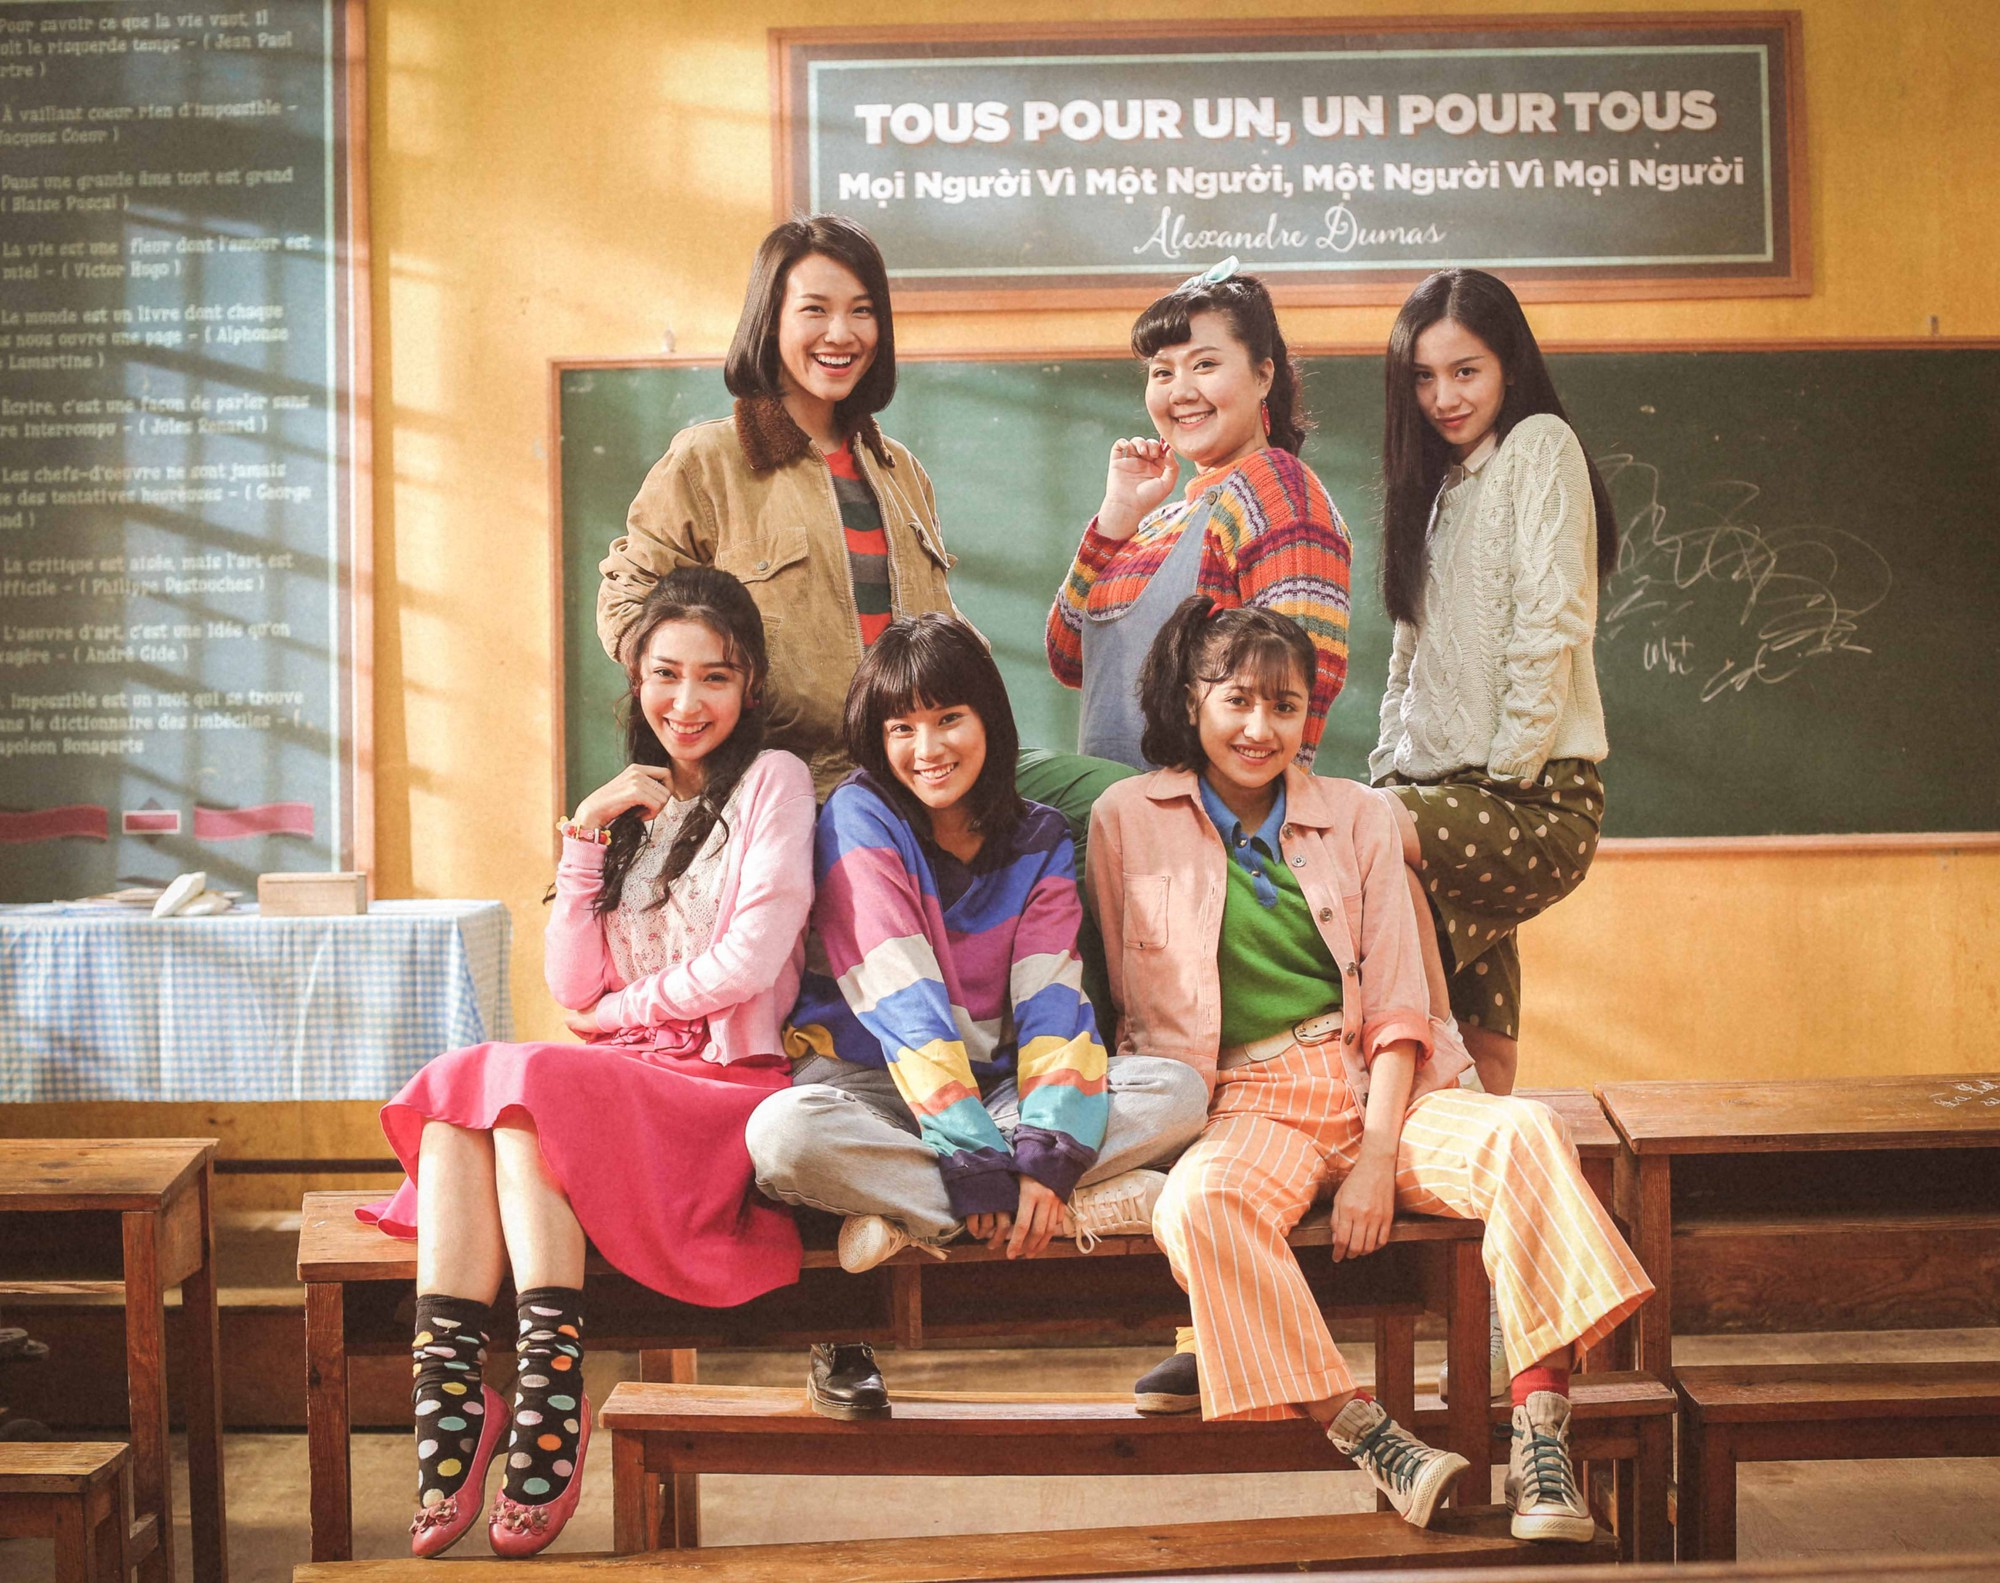 Tháng Năm Rực Rỡ hay một thành công rực rỡ của điện ảnh Việt - Ảnh 5.